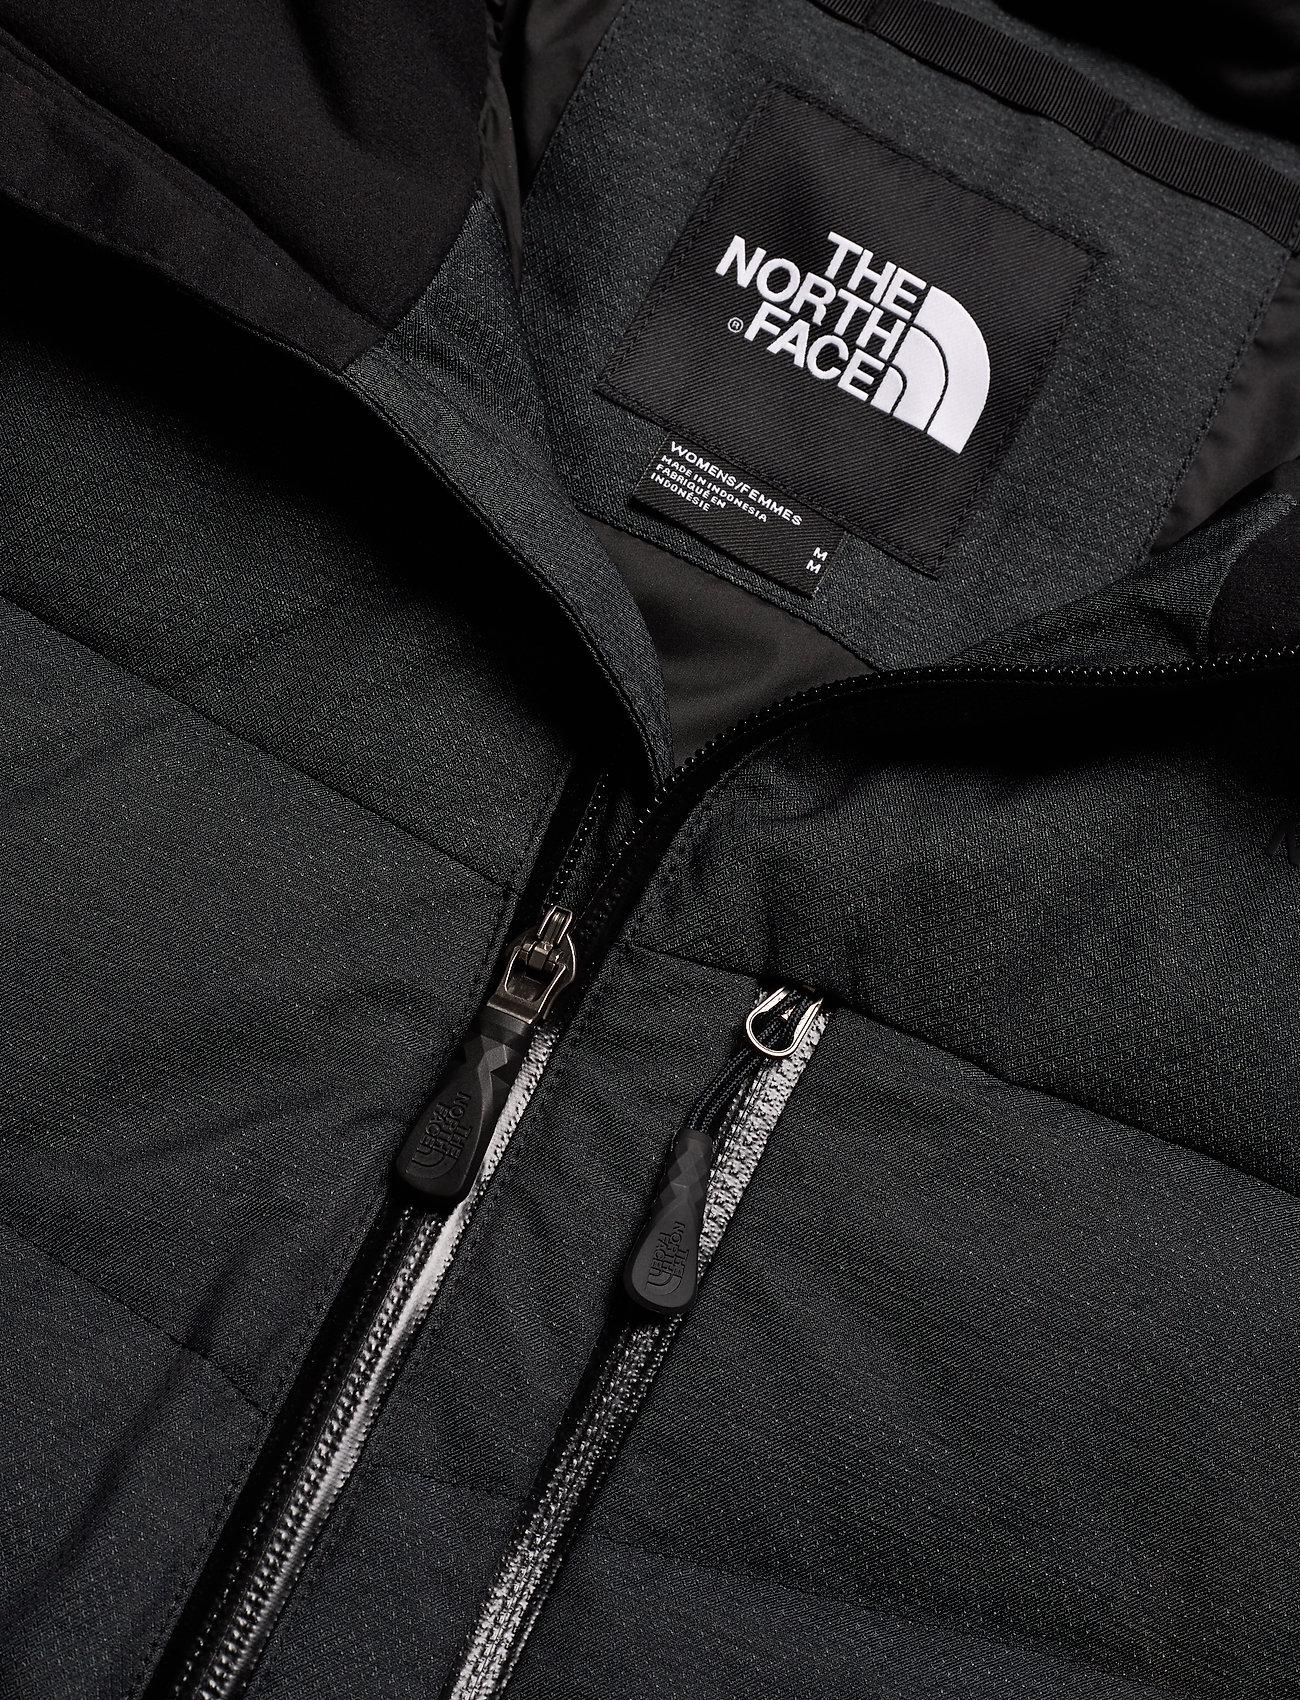 The North Face W BLITHEDALE D JKT - Kurtki i Płaszcze TNF BLACK - Kobiety Odzież.